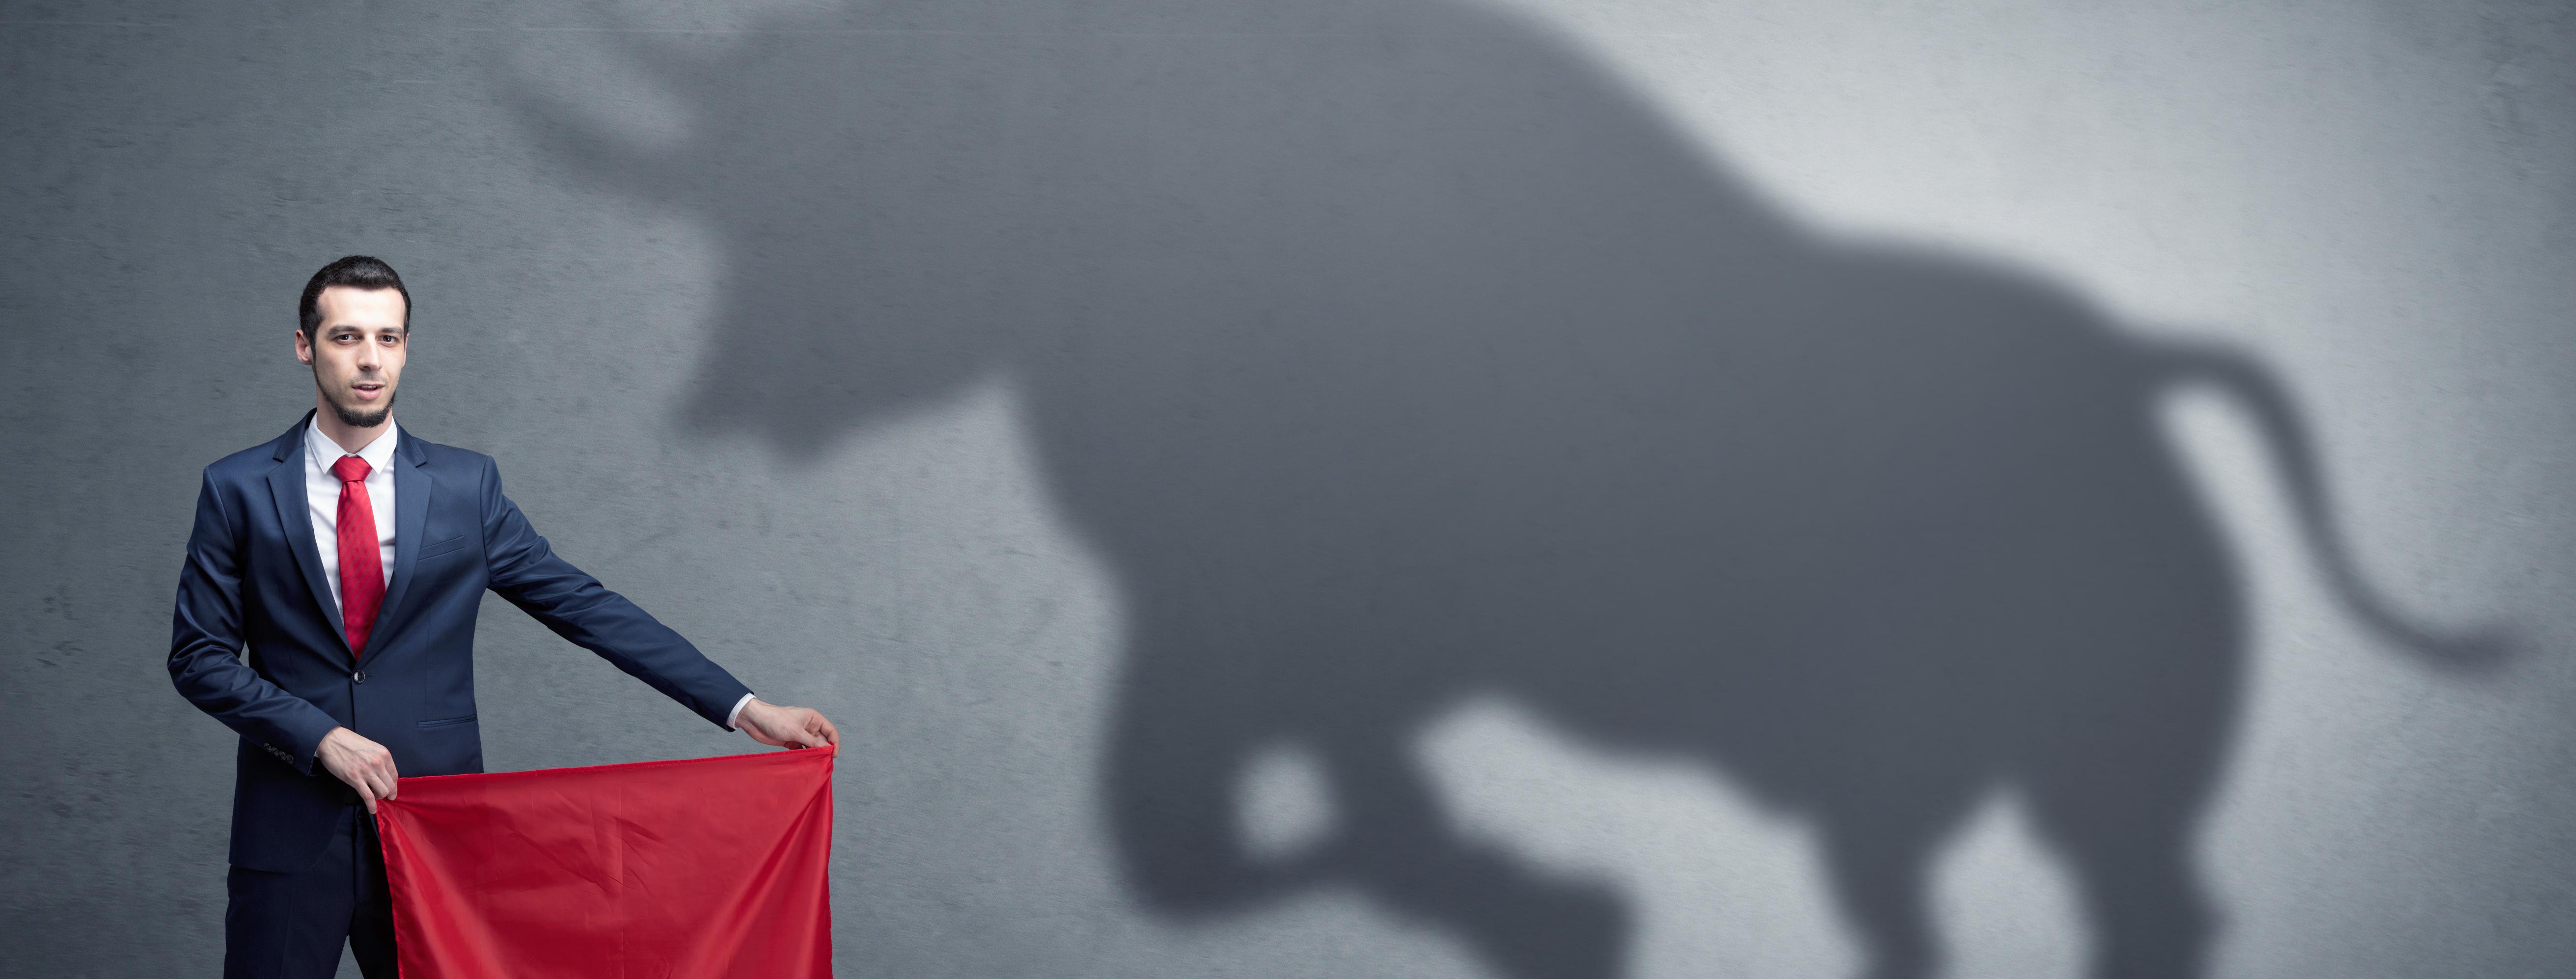 Mann mit rotem Tuch und Stier als Schatten